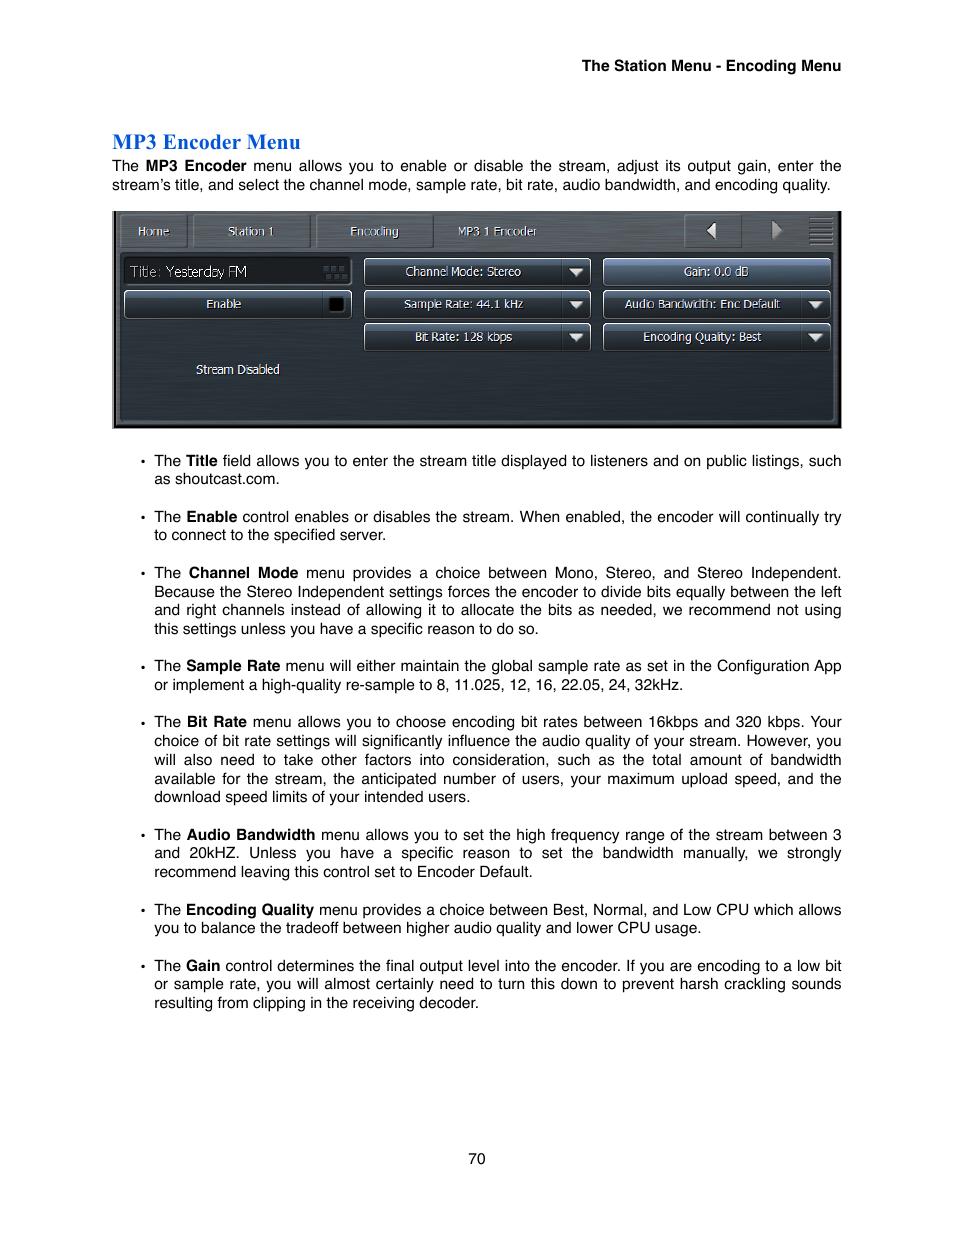 mp3 encoder menu omnia audio omnia 9 xe user manual page 70 rh manualsdir com omnia one user manual omni user manual k10048254